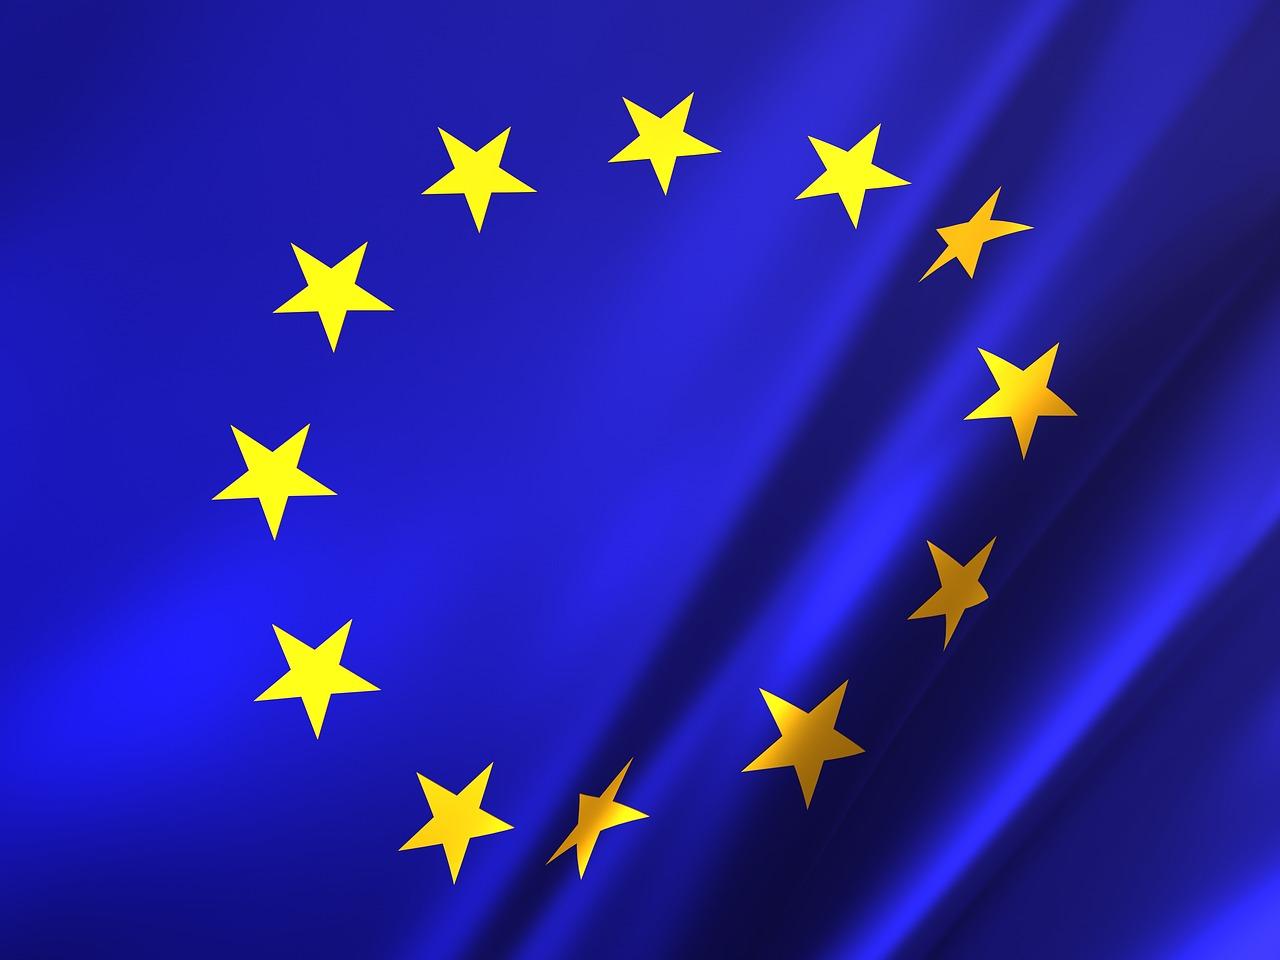 Кіпр і Греція поміж інших європейських країн отримають фінансову допомогу від Євросоюзу